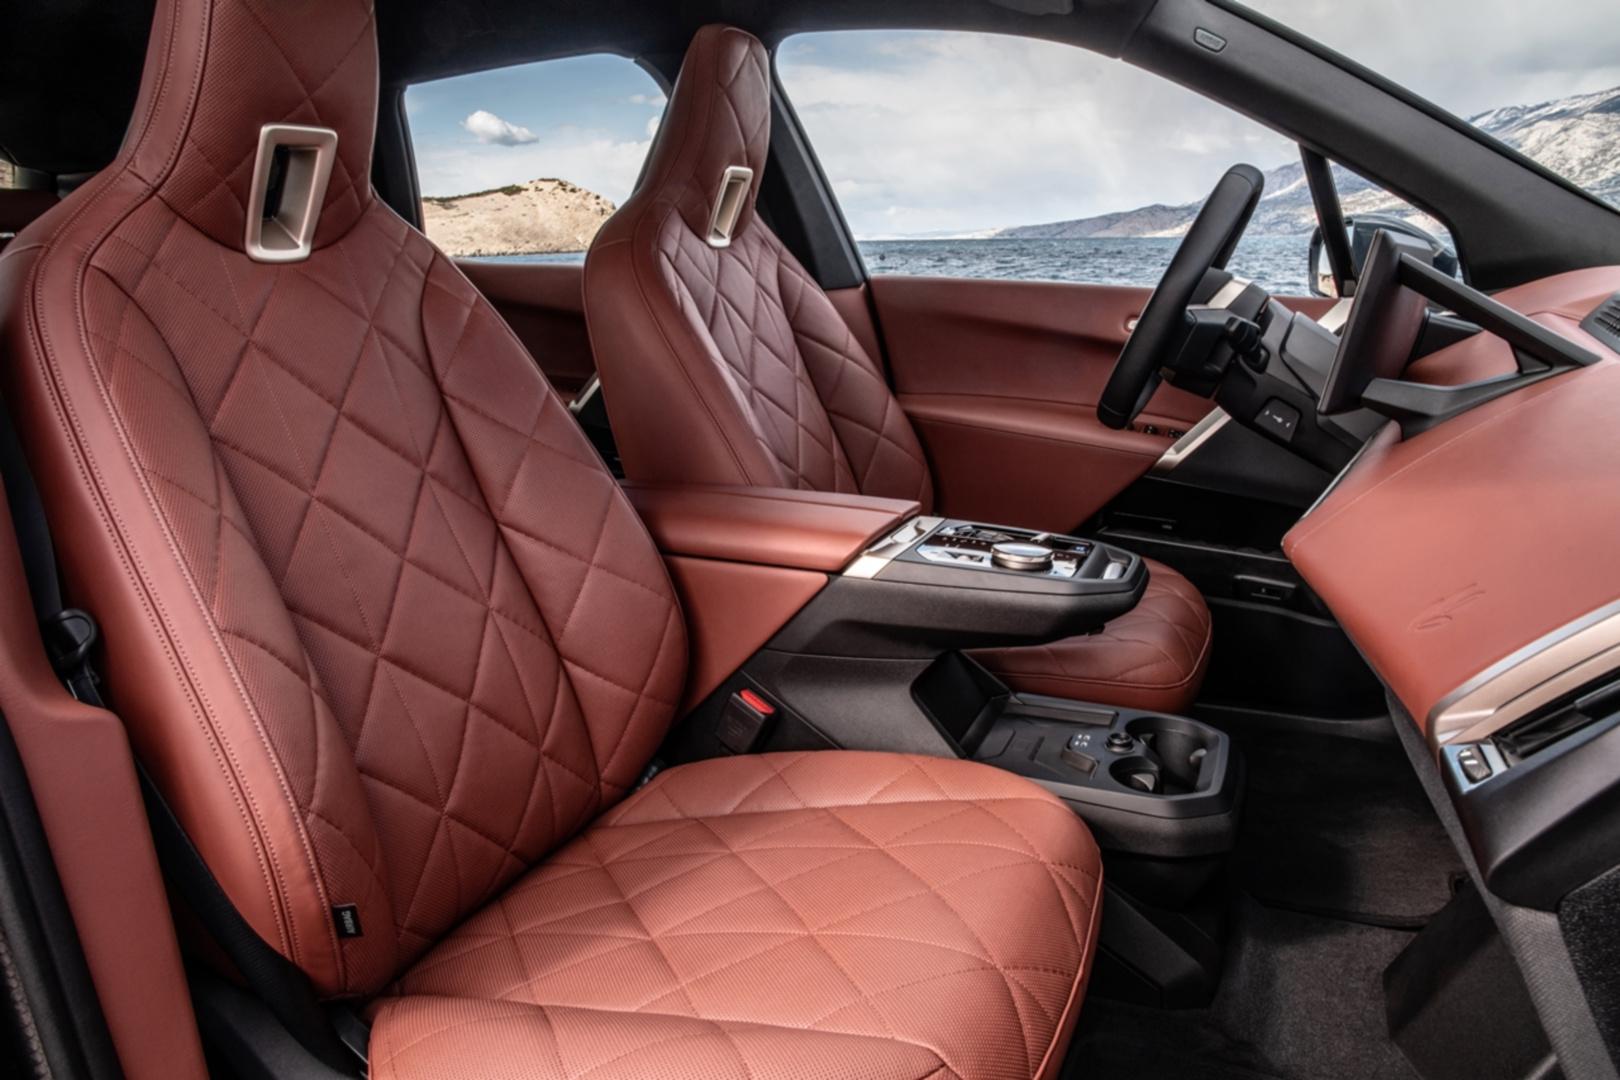 SMALL_[新聞照片五]採用橄欖葉萃取物鞣製的Castanea真皮材質一體式真皮座椅,展現BMW重視永續理念